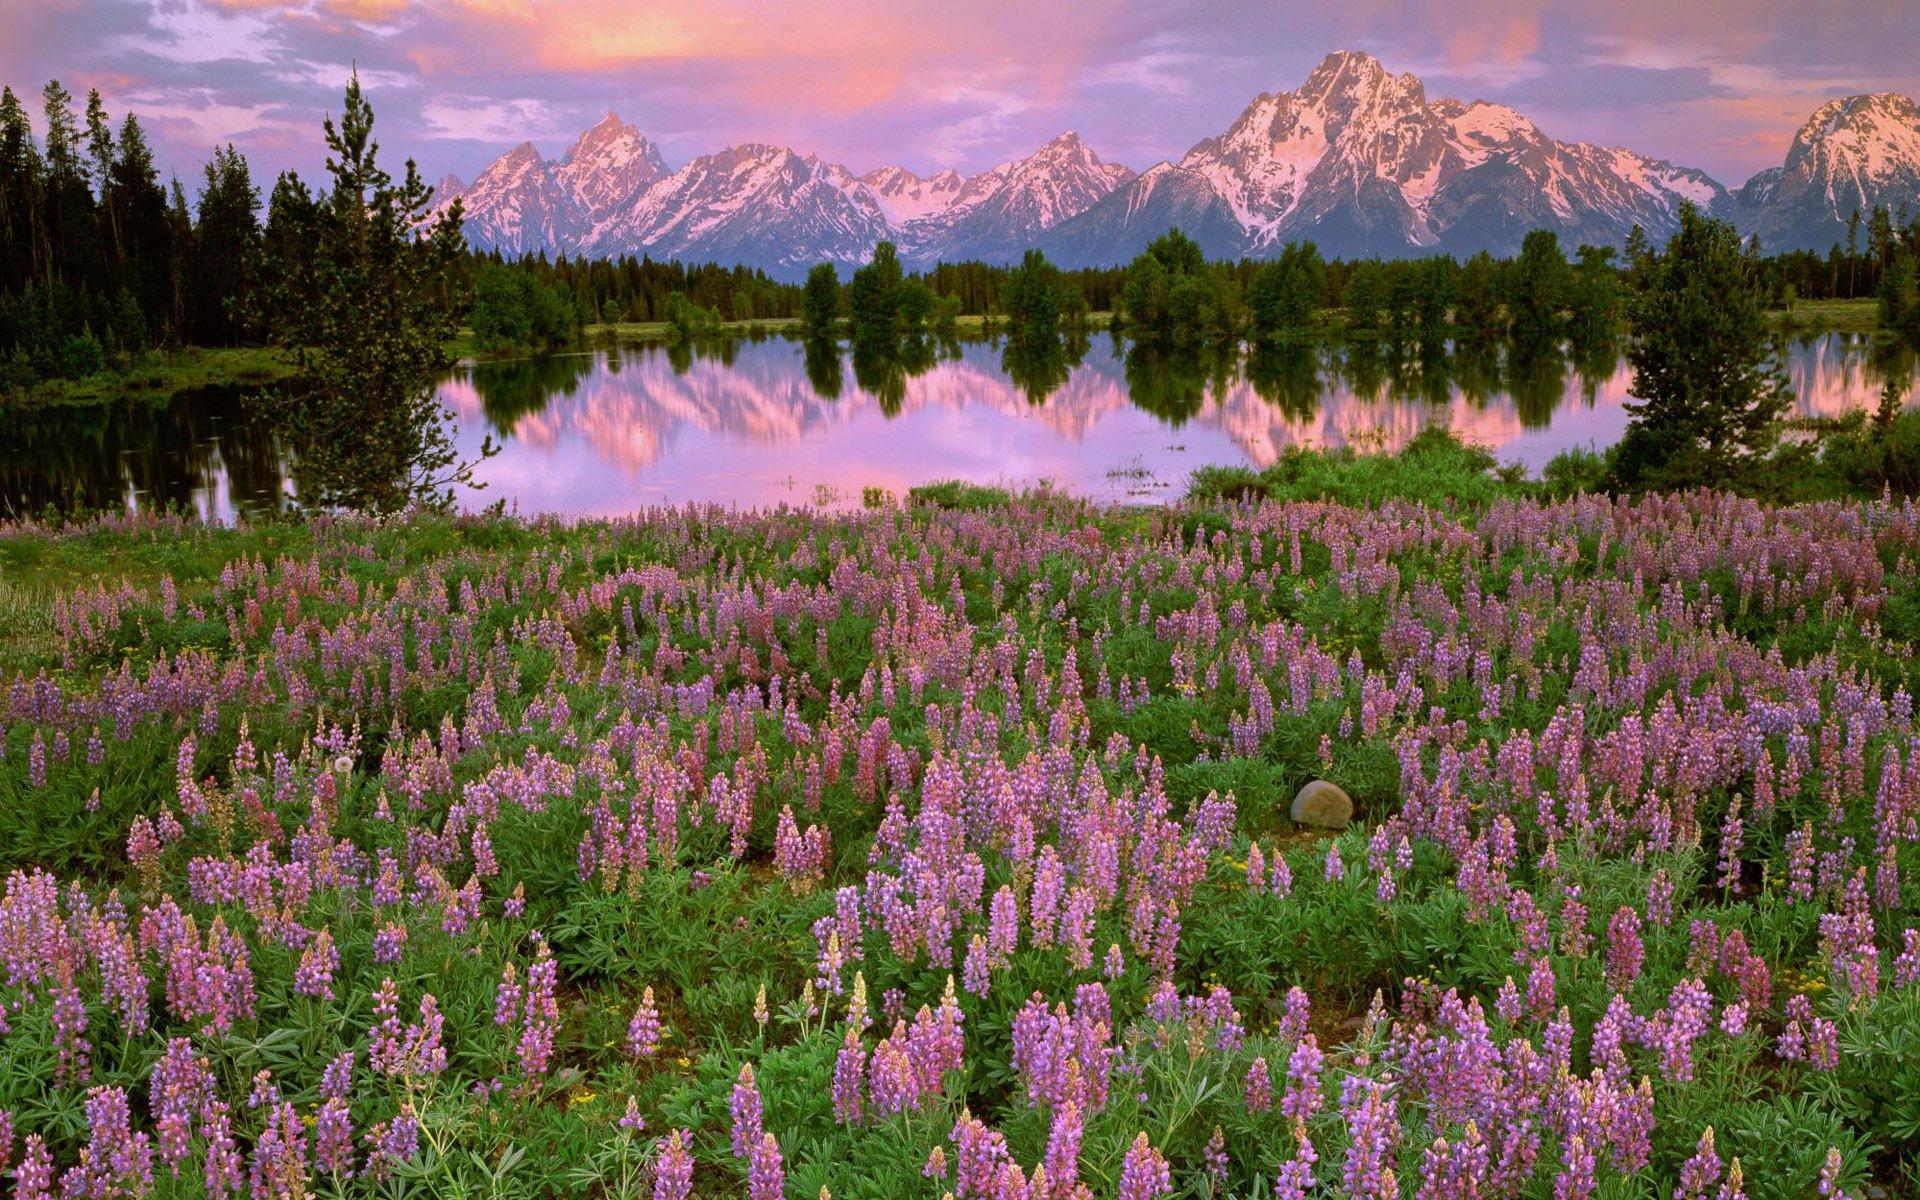 自然风景图片大图宽屏电脑桌面壁纸下载 风景壁